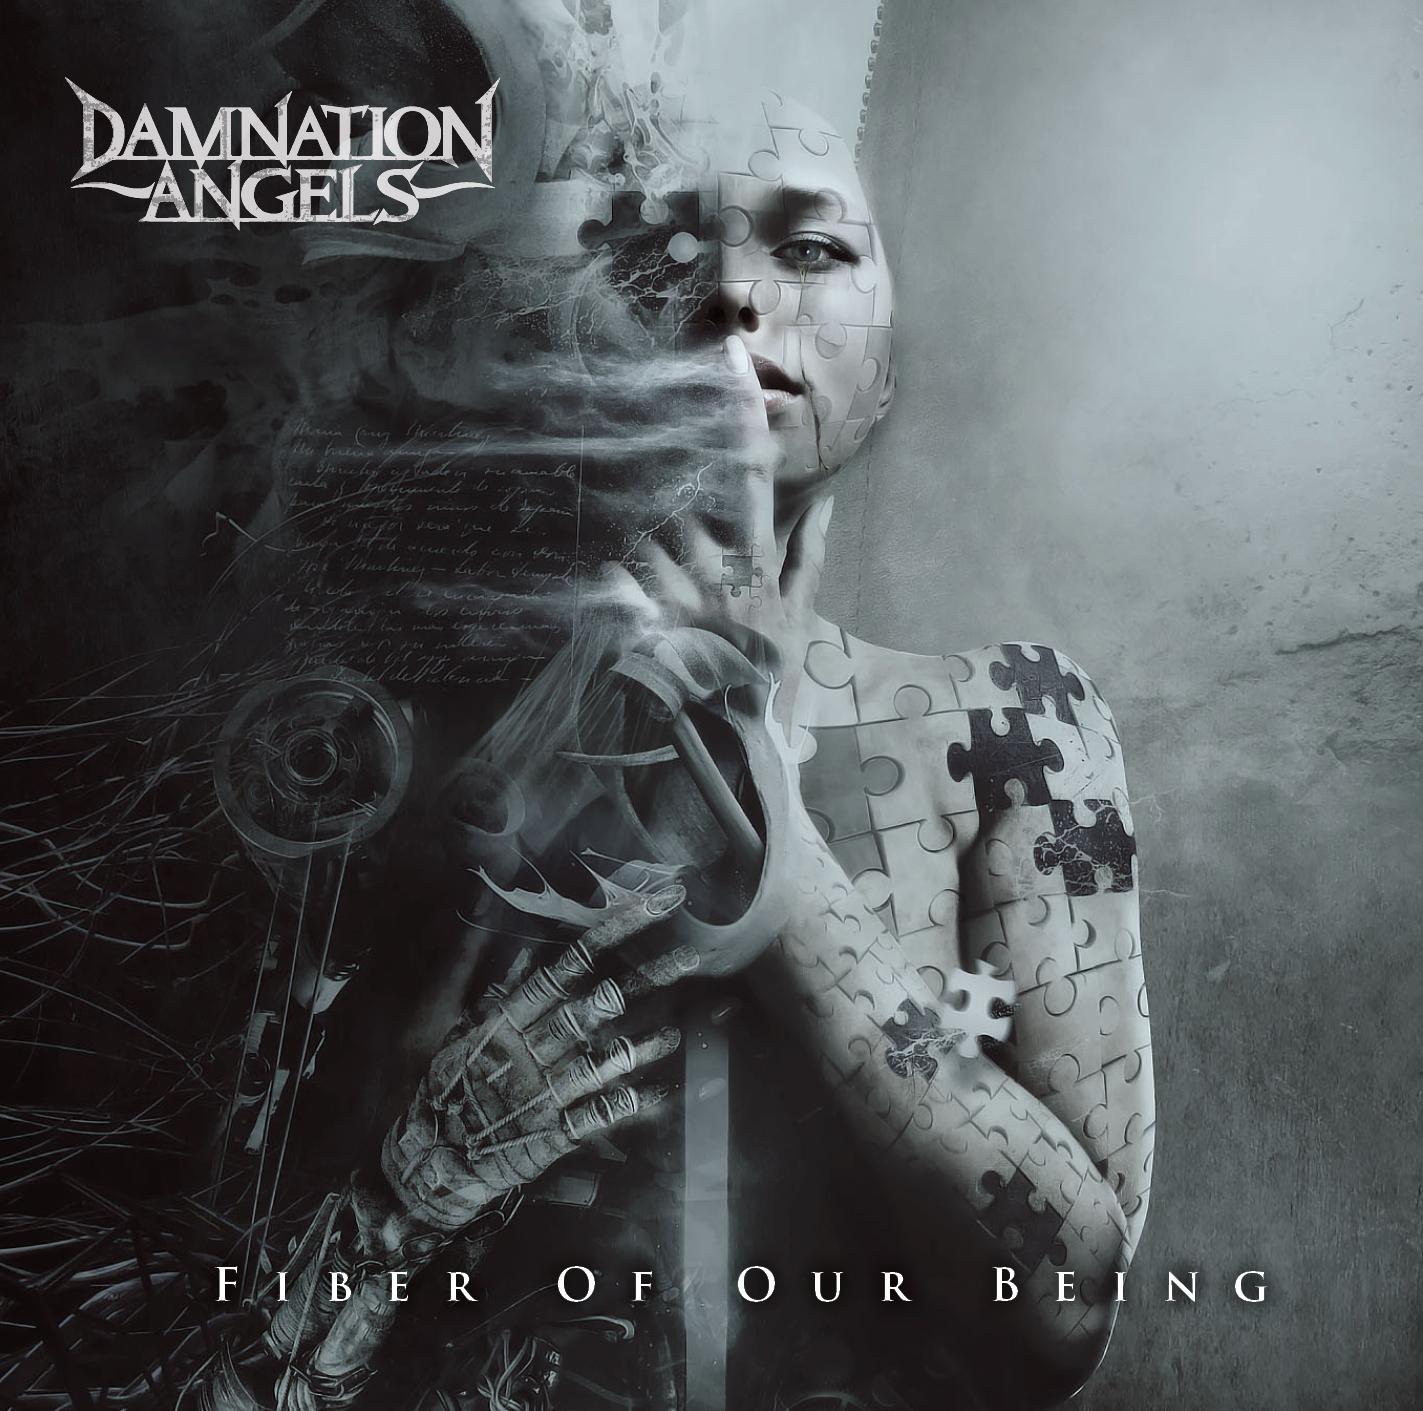 Damnation Angels hbls